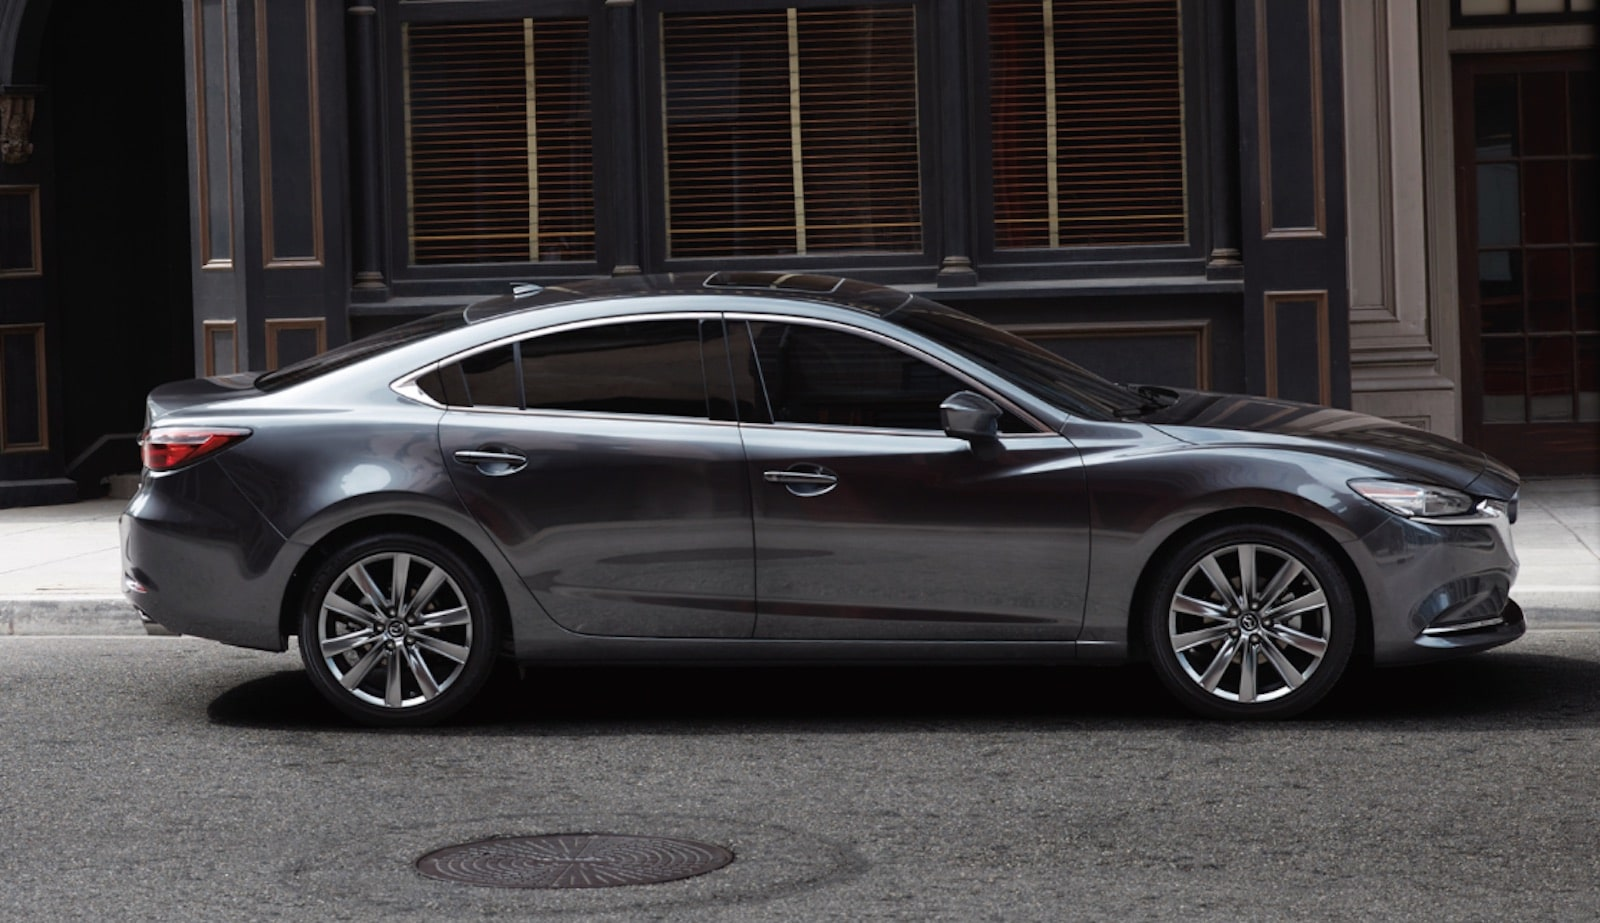 Kelebihan Kekurangan Mazda 6 Harga